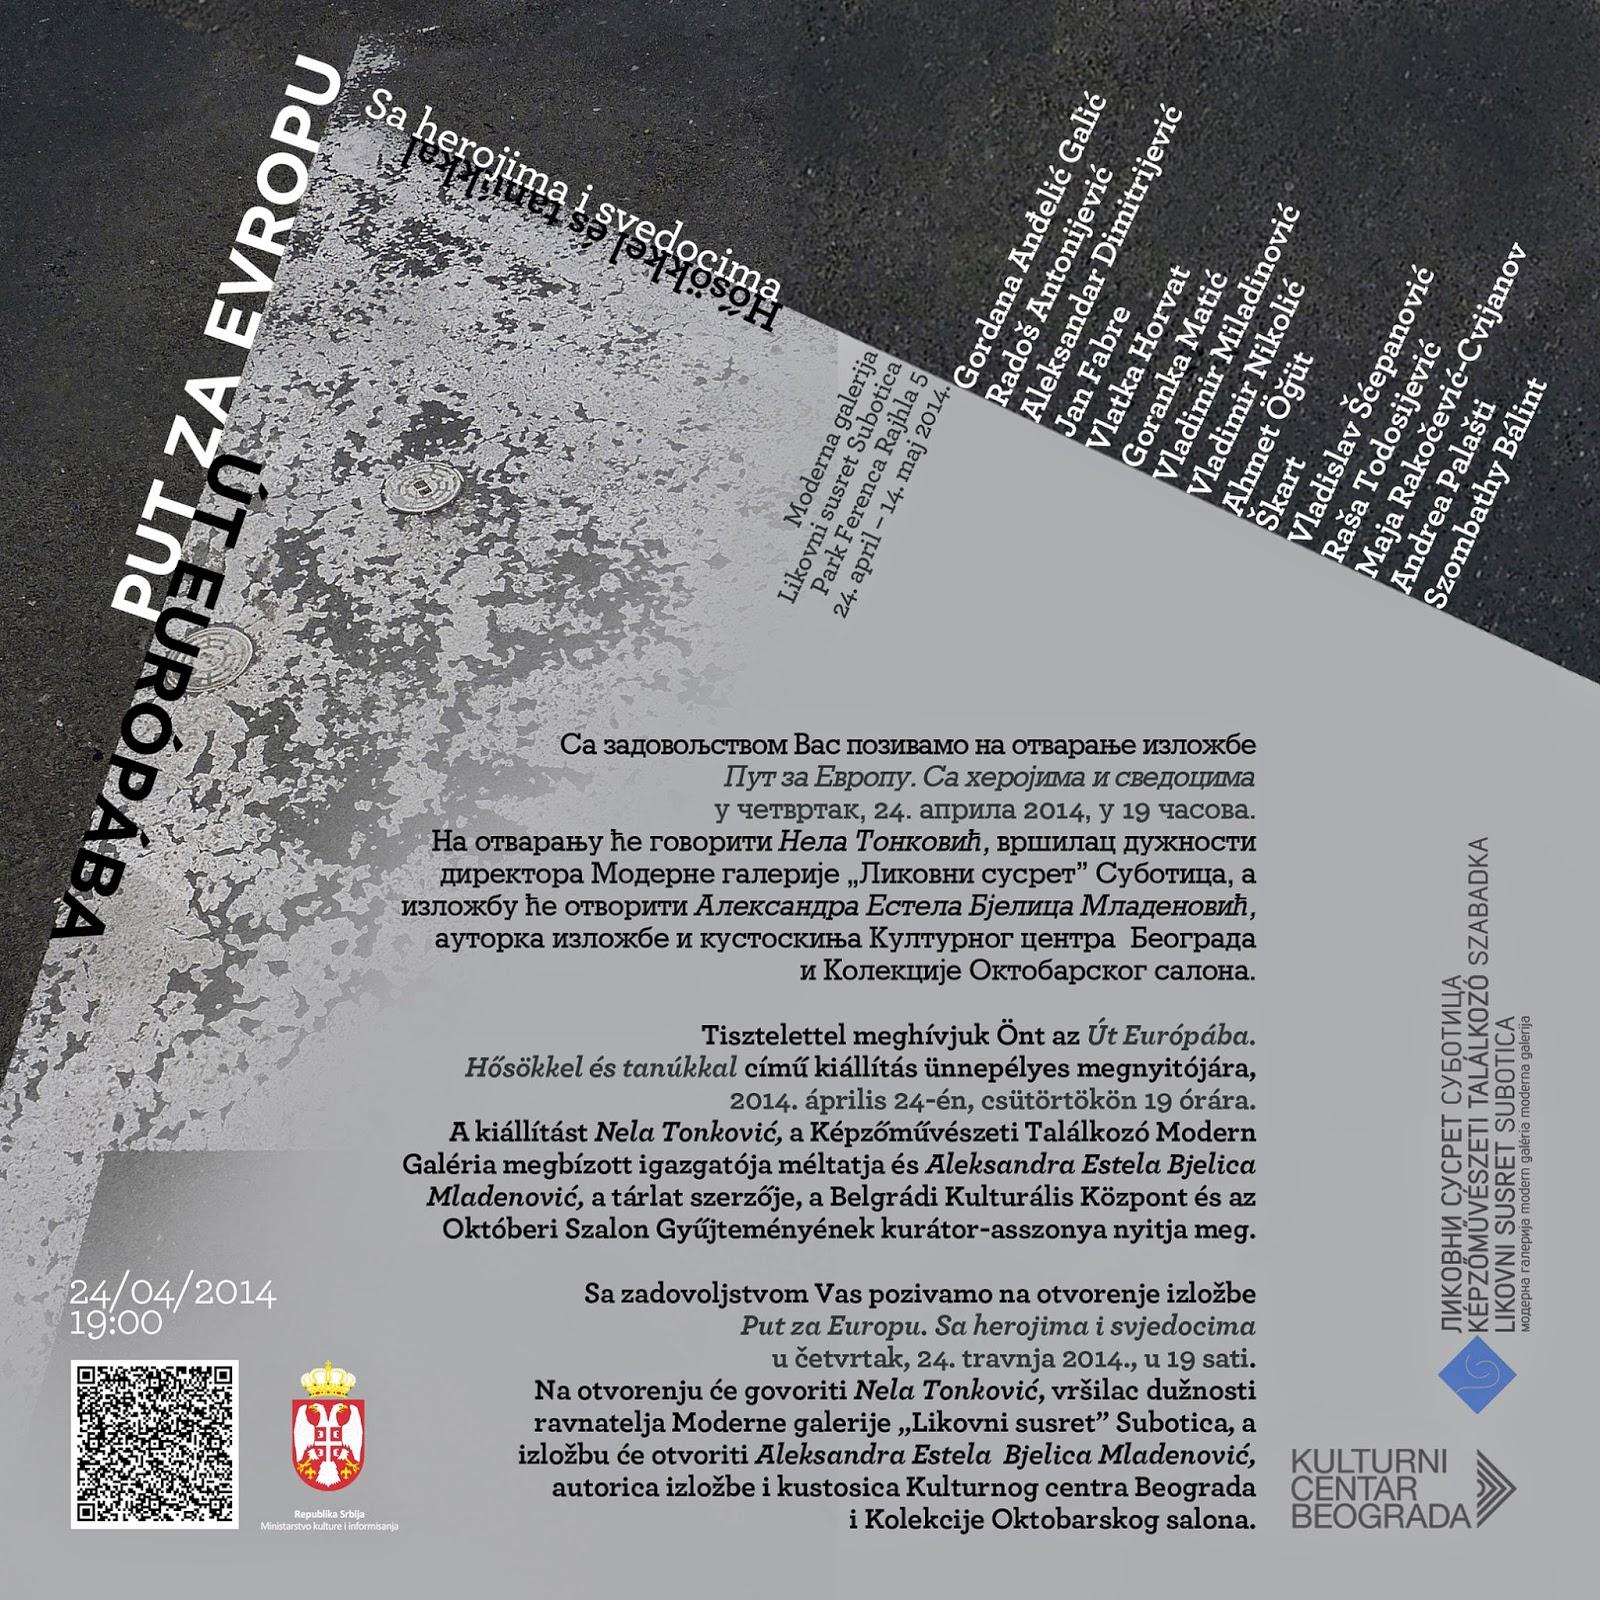 """""""Put za Evropu/Sa herojima i svedocima"""""""